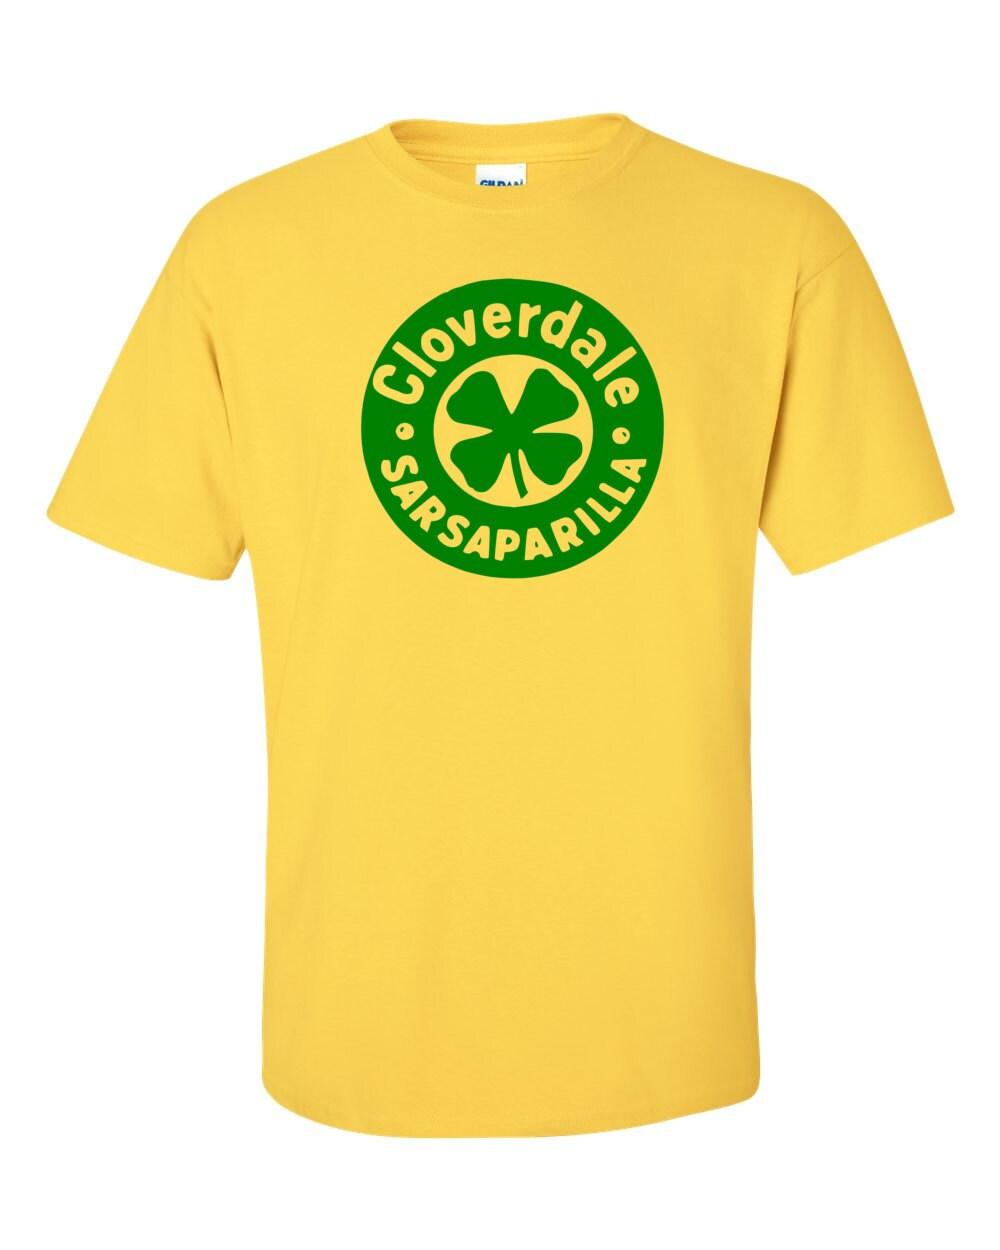 Cloverdale Sarsaparilla Vintage Bottle Cap T-shirt